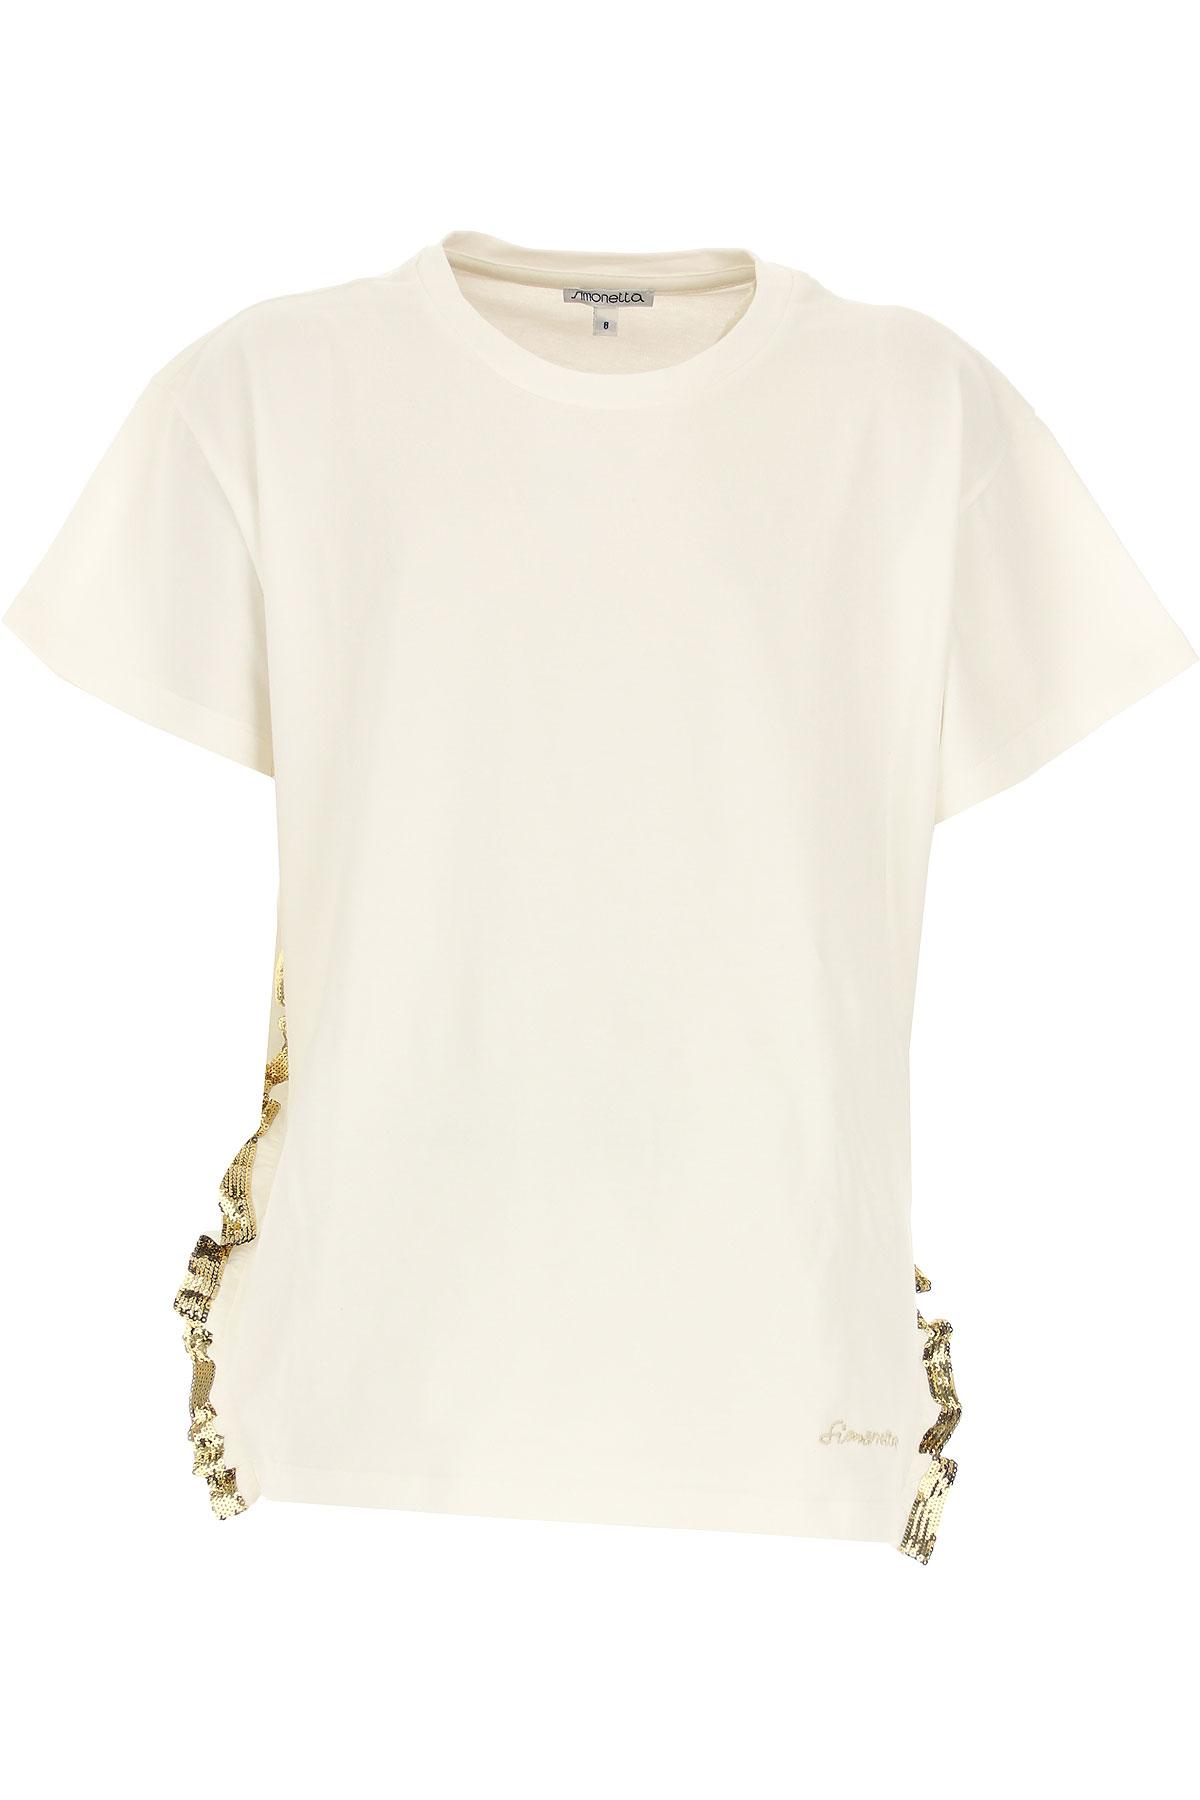 Simonetta T-Shirt Enfant pour Fille Pas cher en Soldes, Blanc, Coton, 2019, 6Y 8Y